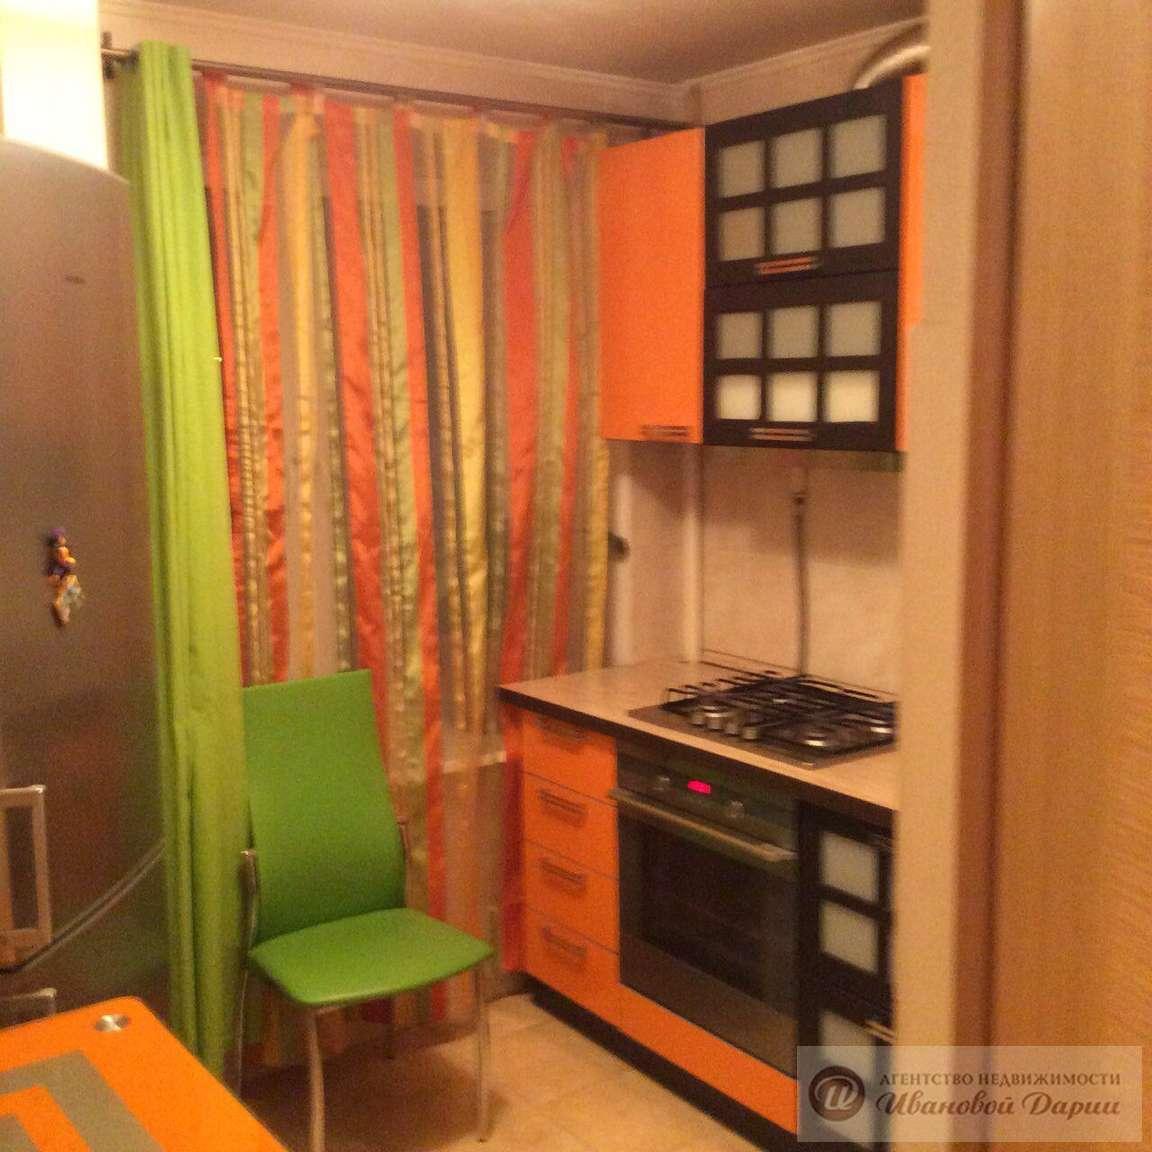 Квартира, 1 комната, 32 м² в Москве 89636587412 купить 4